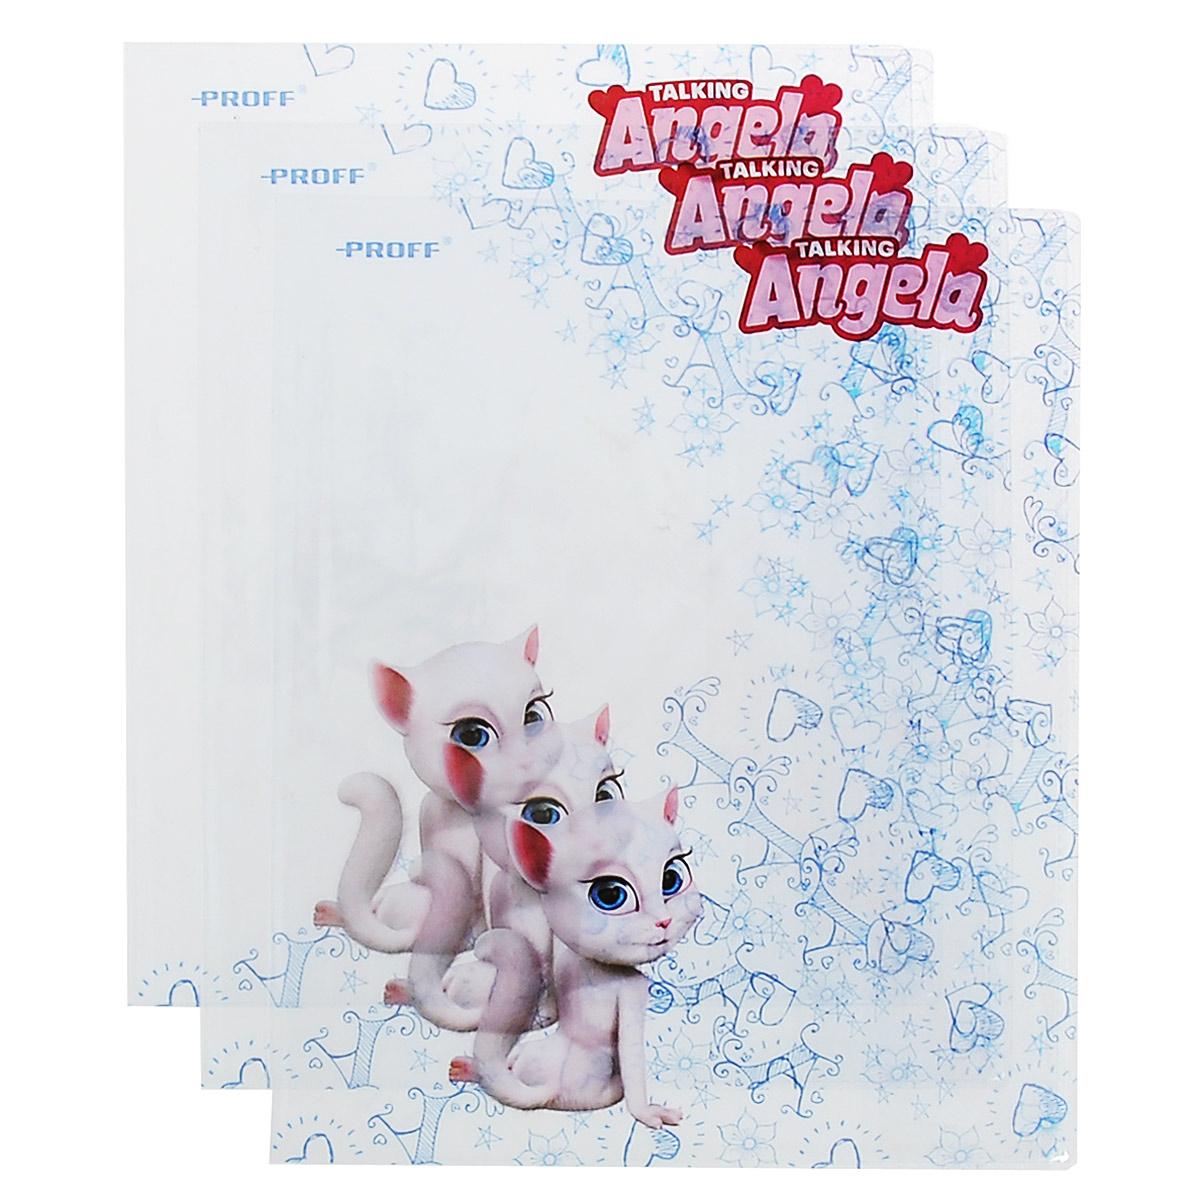 """Прозрачная обложка Proff """"Говорящая Анджела"""", изготовленная из ПВХ, защитит поверхность тетради или дневника от изнашивания и загрязнений. Изделие оформлено ярким рисунком. В набор входят 3 обложки."""